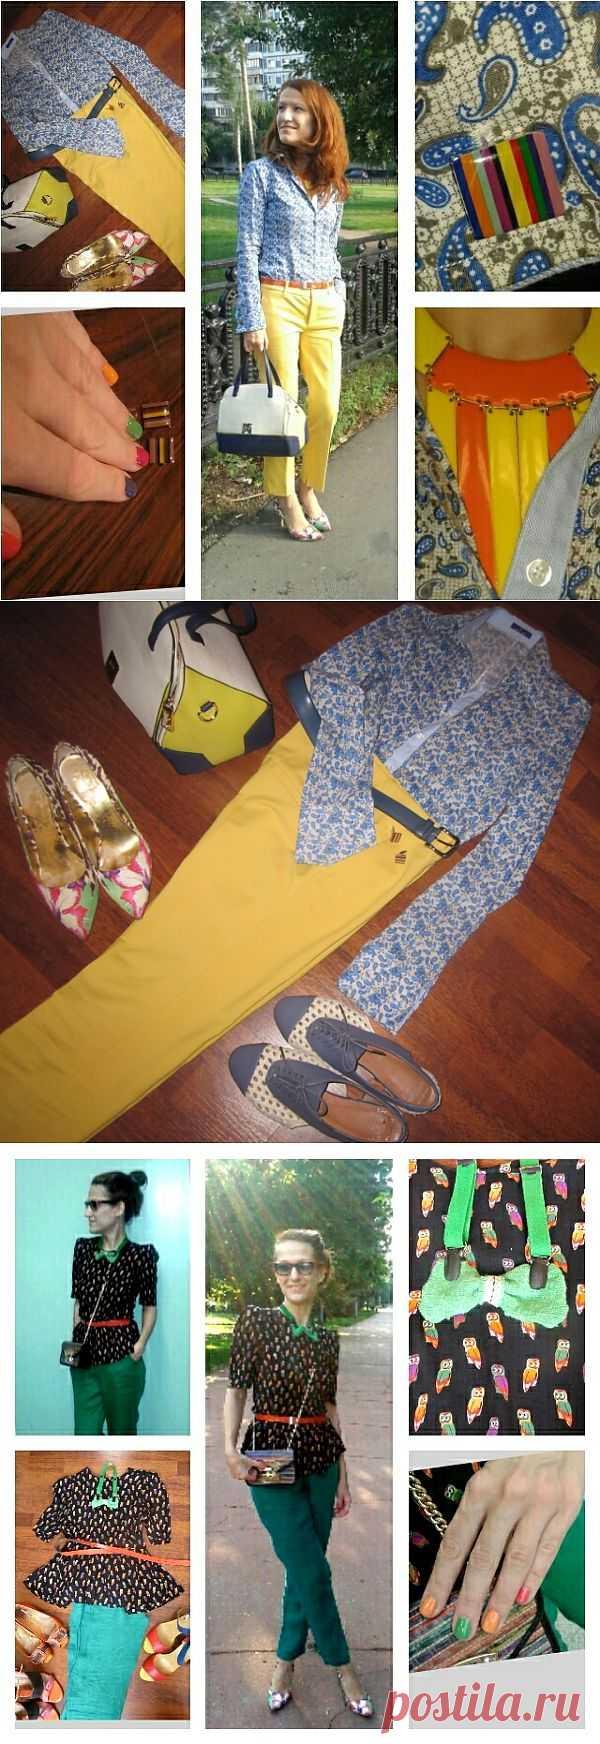 Брючно-рубашечная неделя)) / Ваш стиль / Модный сайт о стильной переделке одежды и интерьера